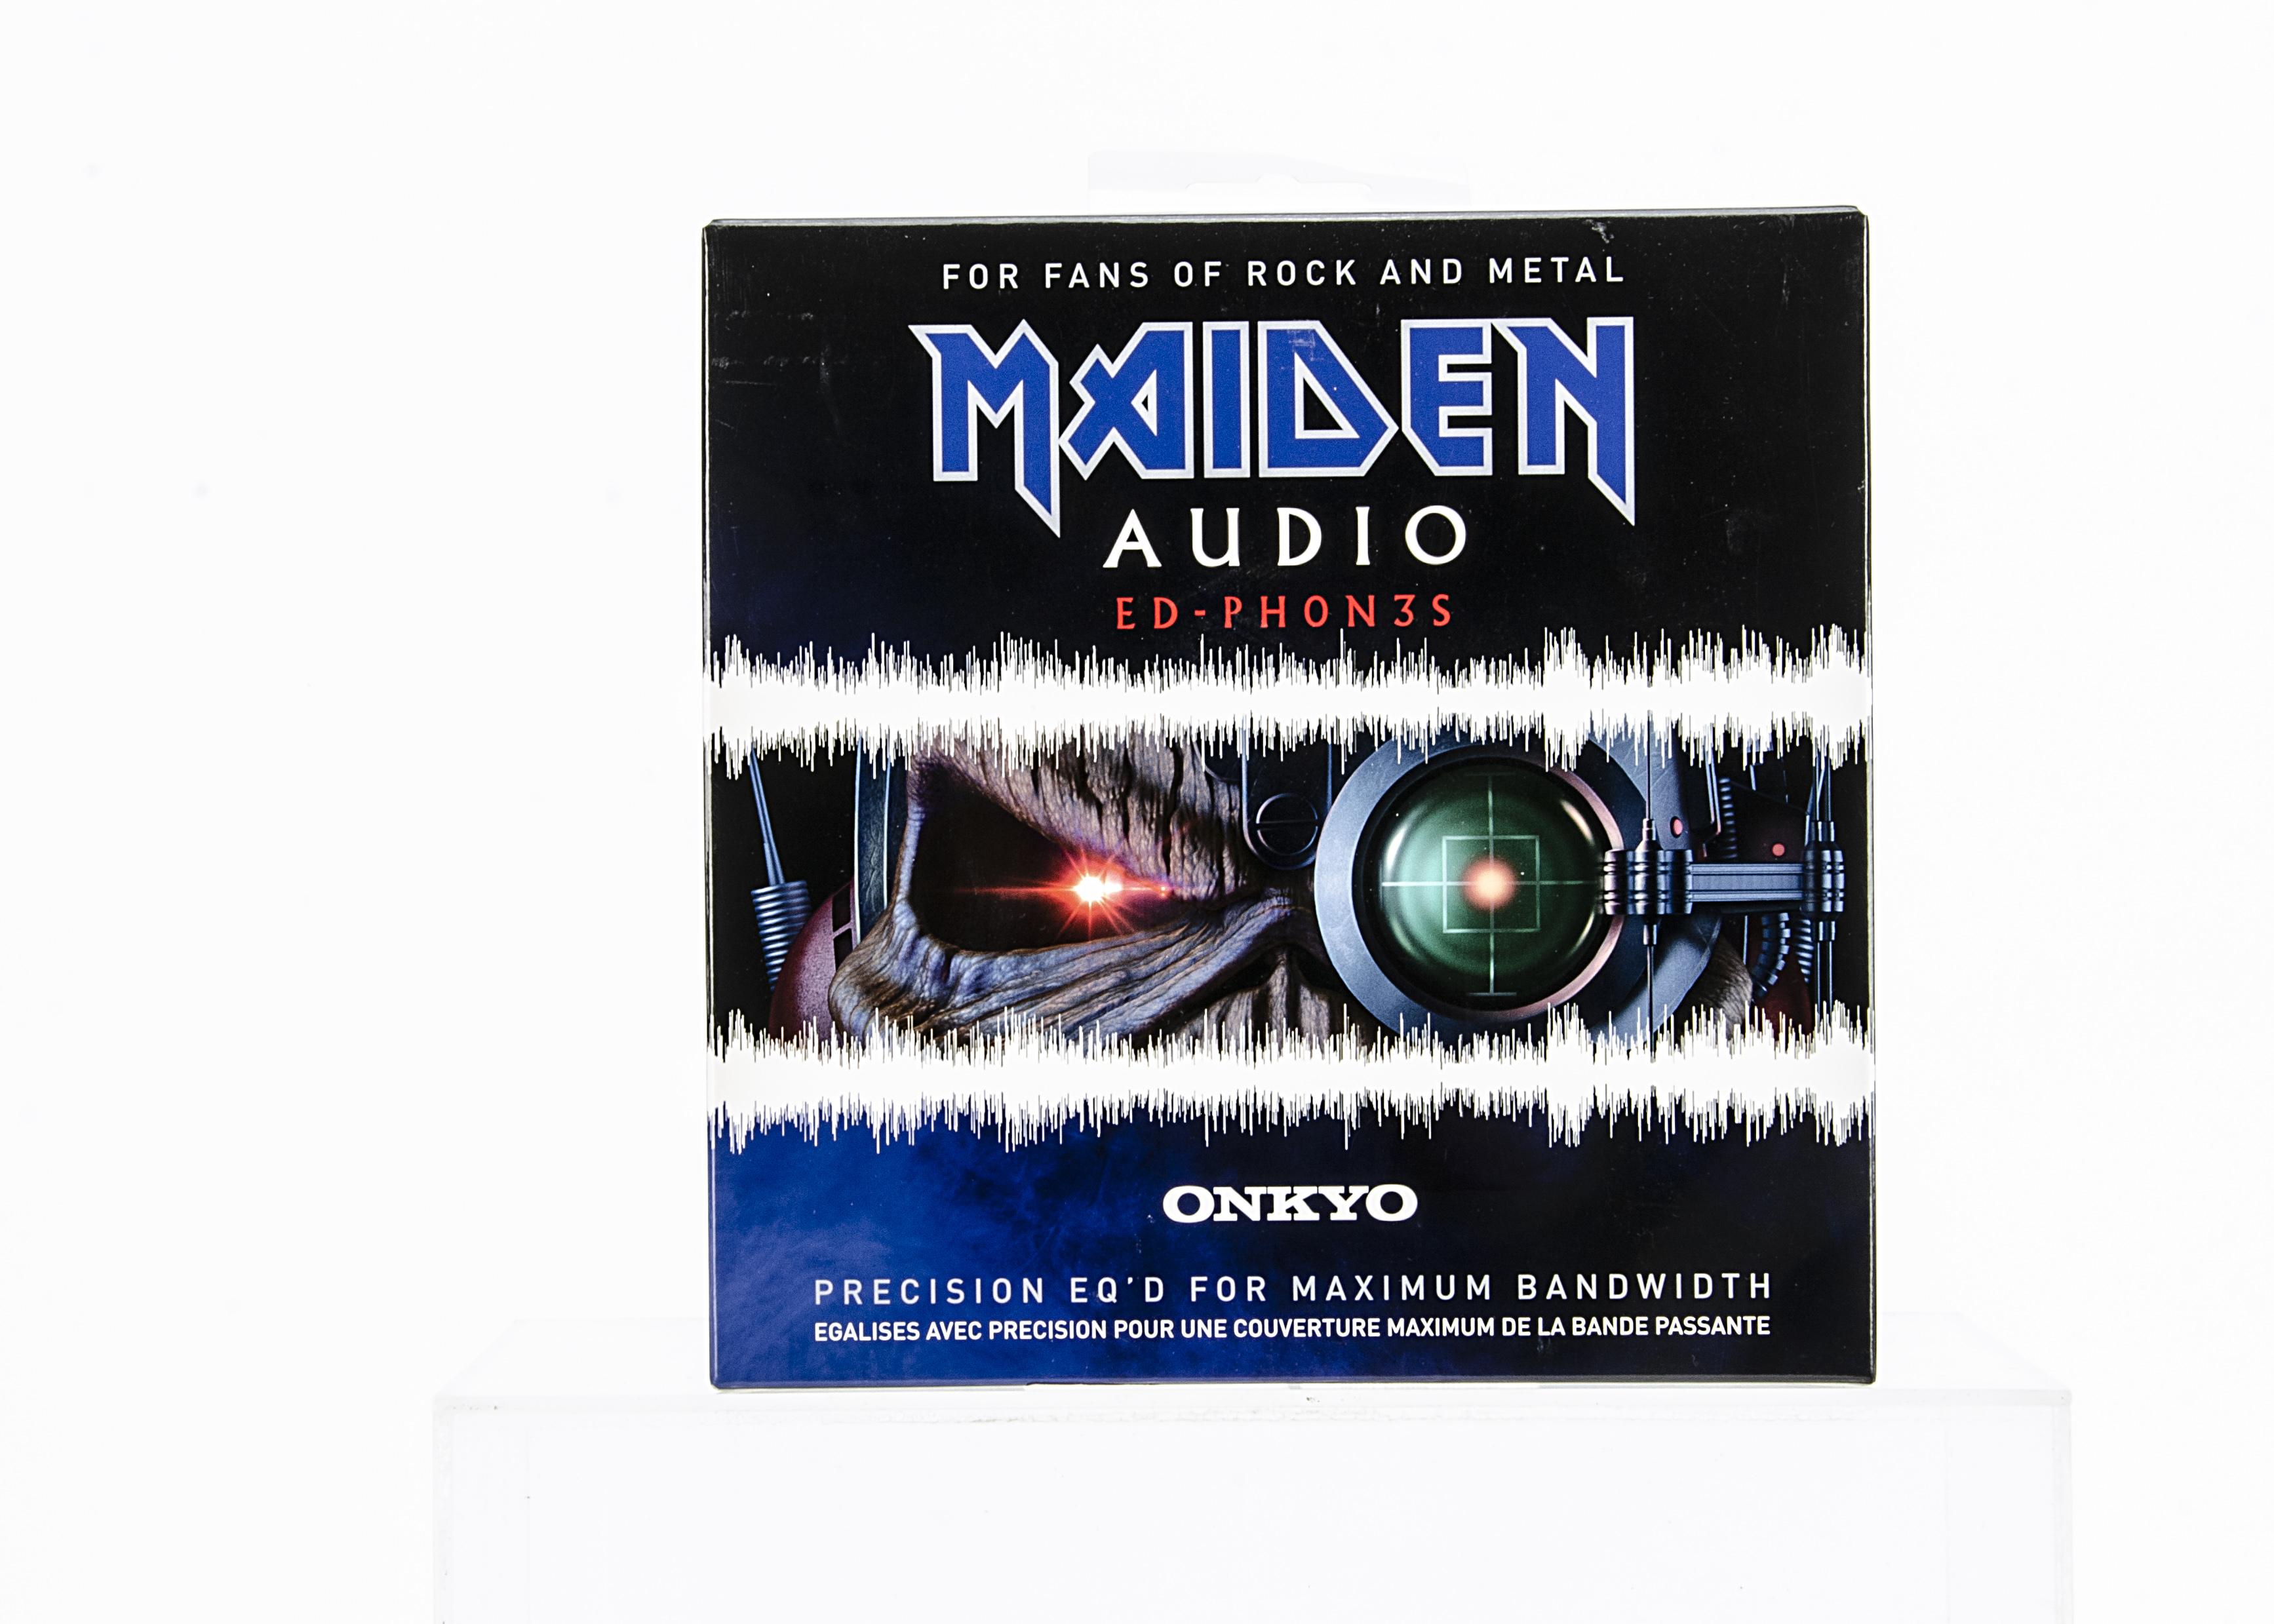 Iron Maiden Headphones, Onkyo Maiden Audio Ed-Phones - Precision Headphones - Brand new and sealed